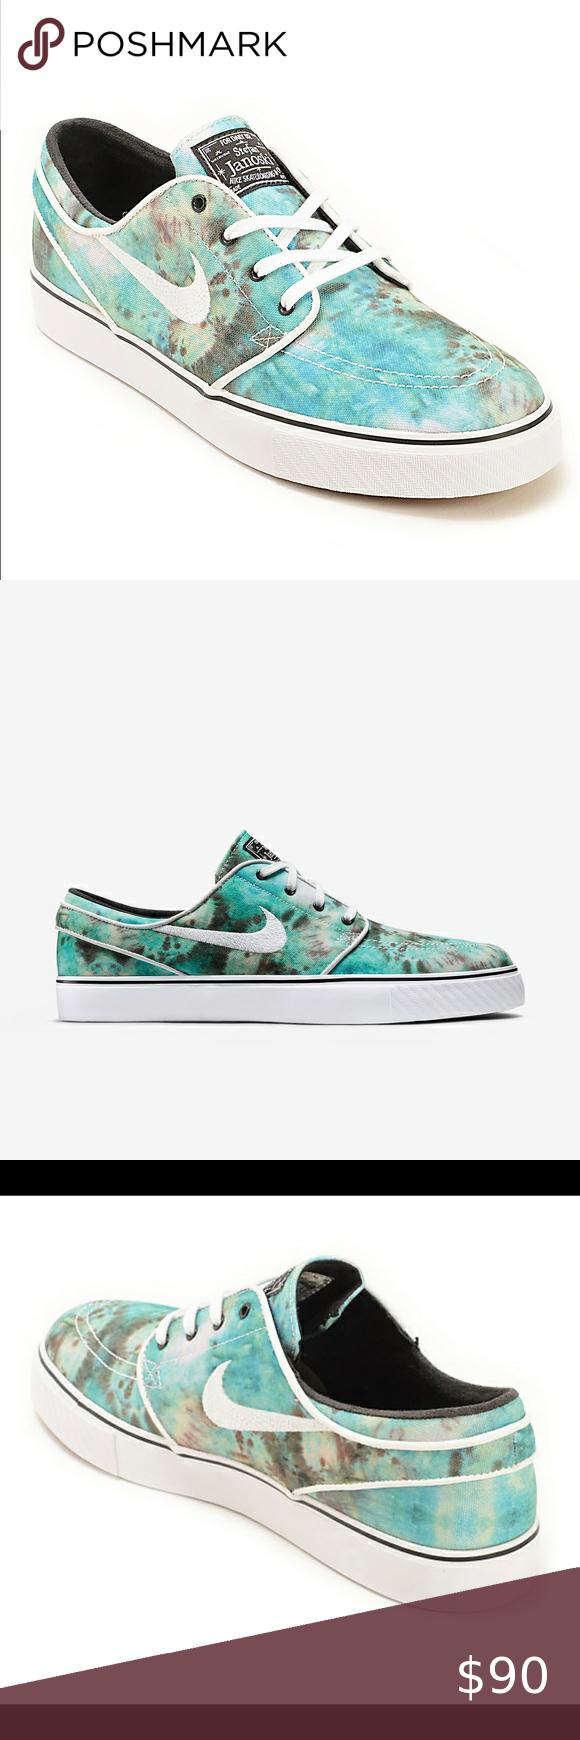 Nike SB Stefan Janoski PR QS Tie Dye Skateboarding Shoes